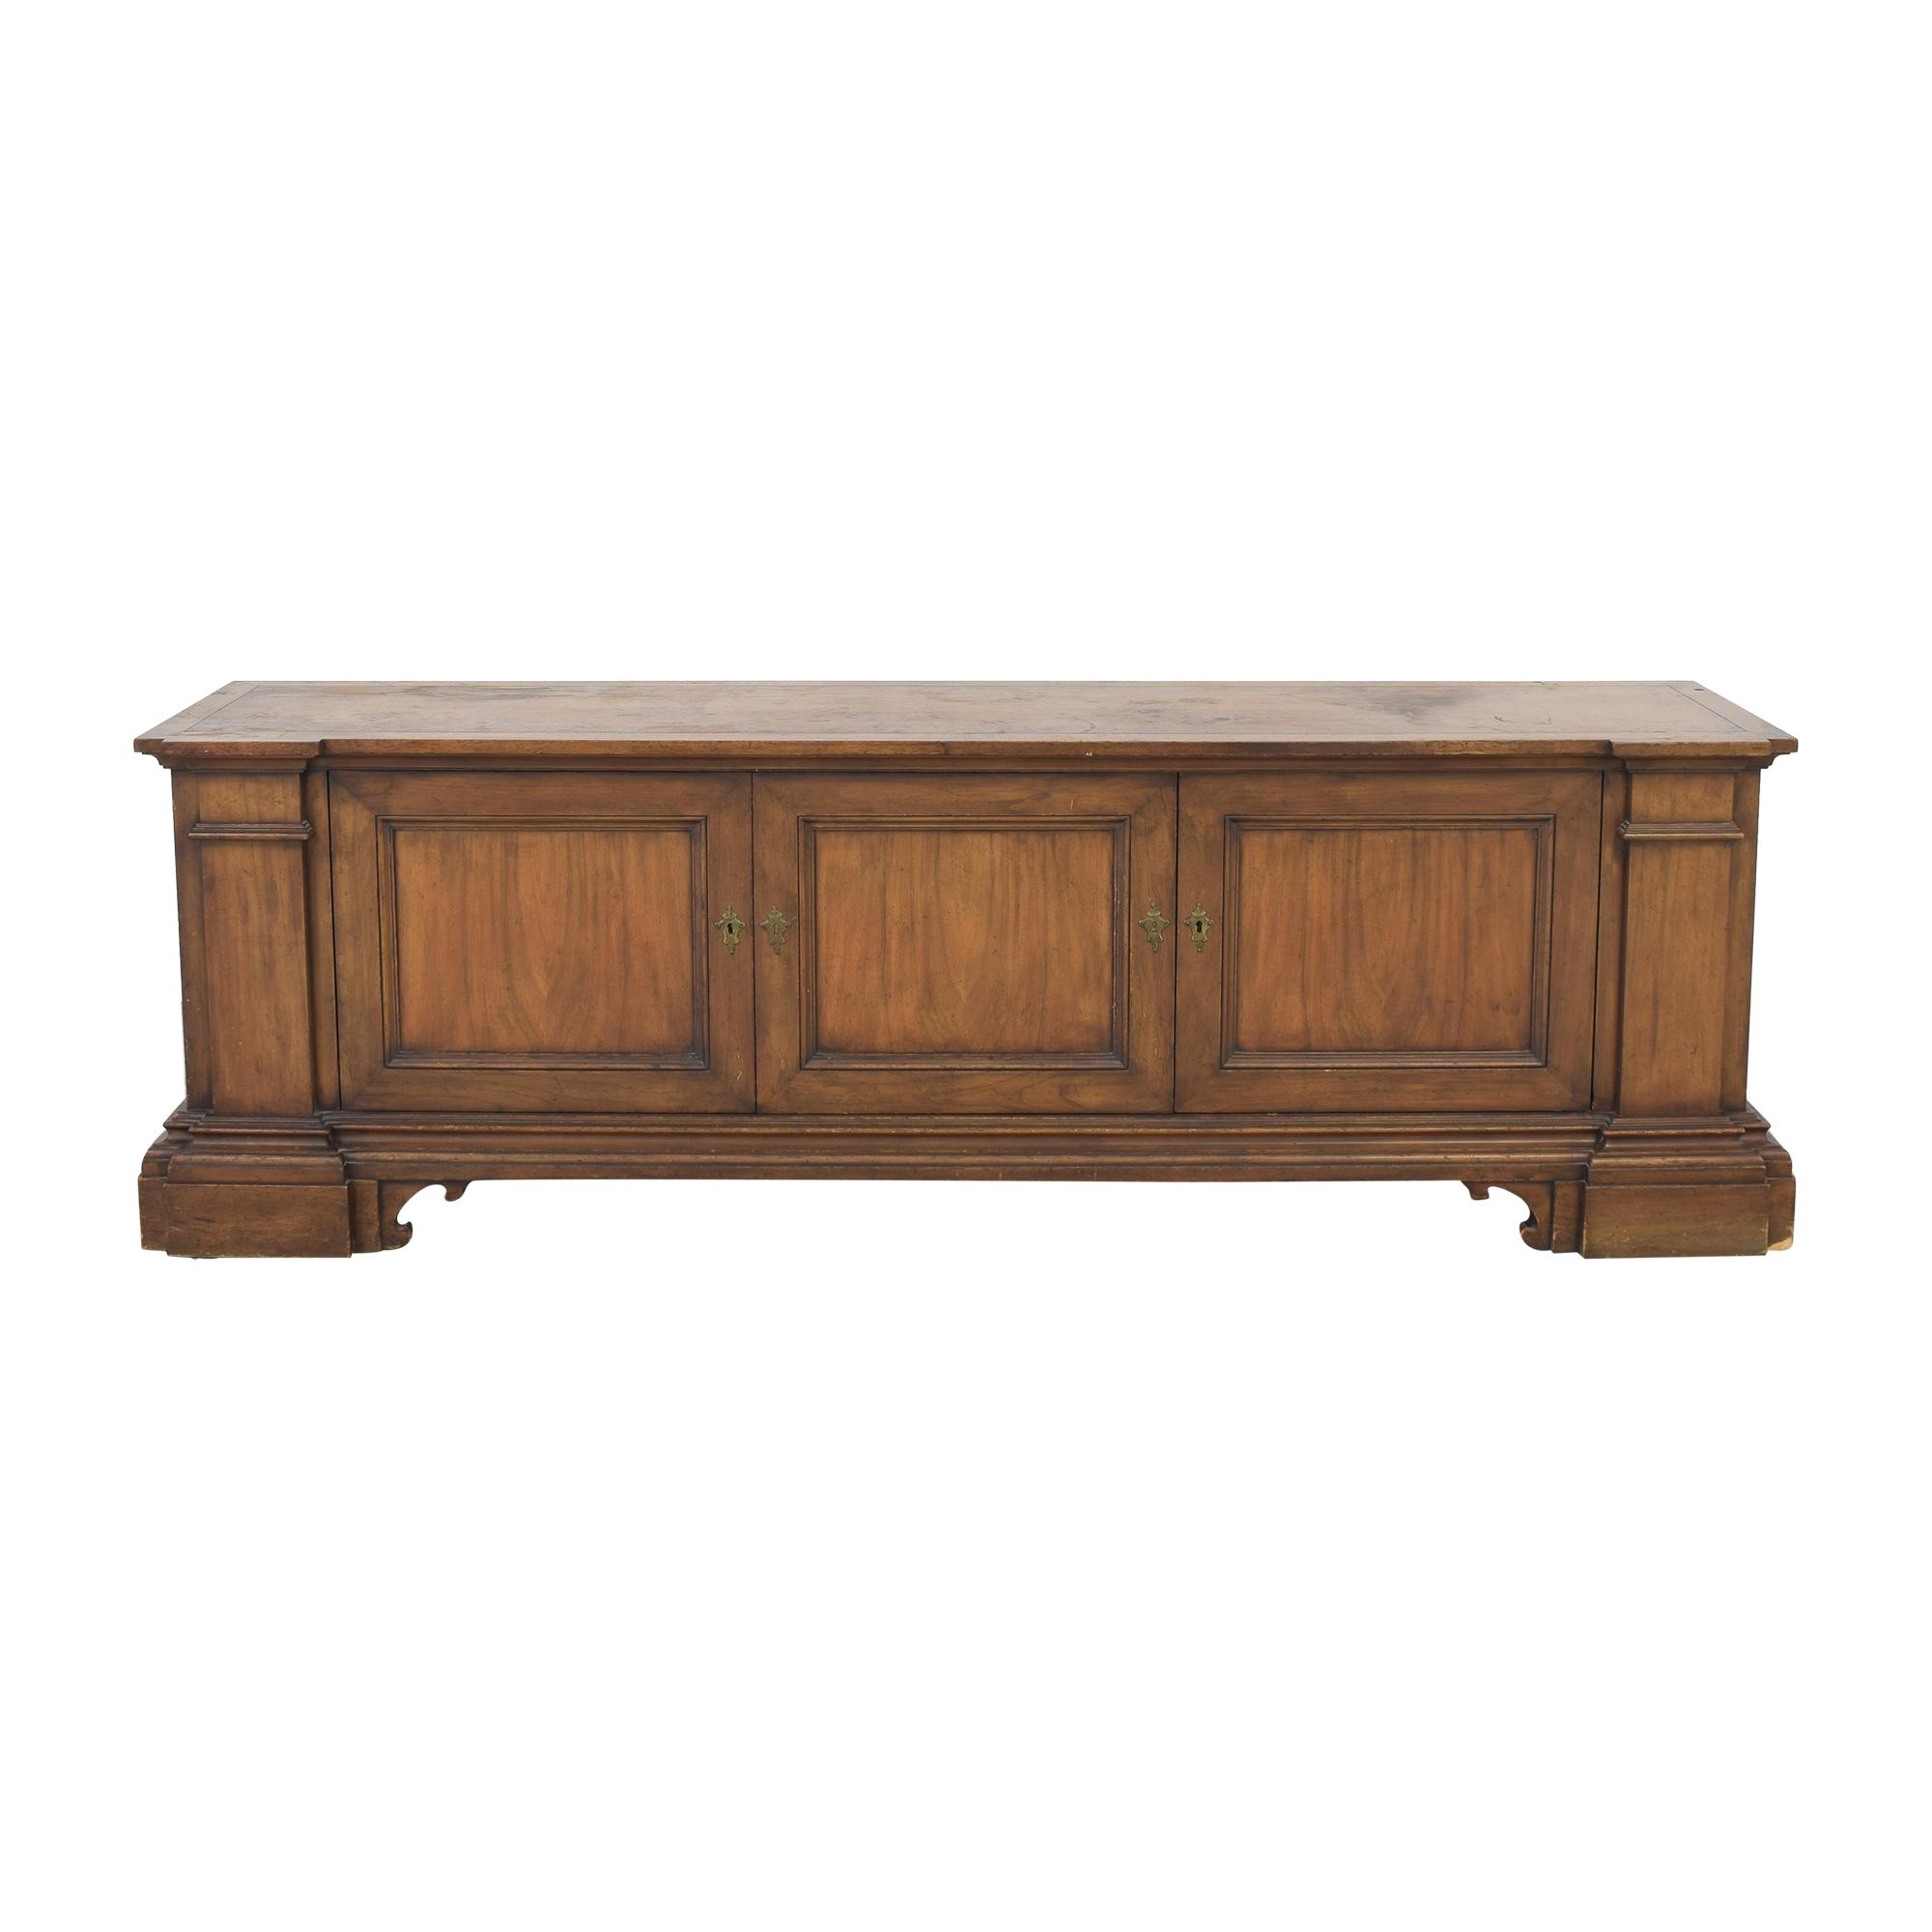 Baker Furniture Baker Sideboard Cabinet for sale